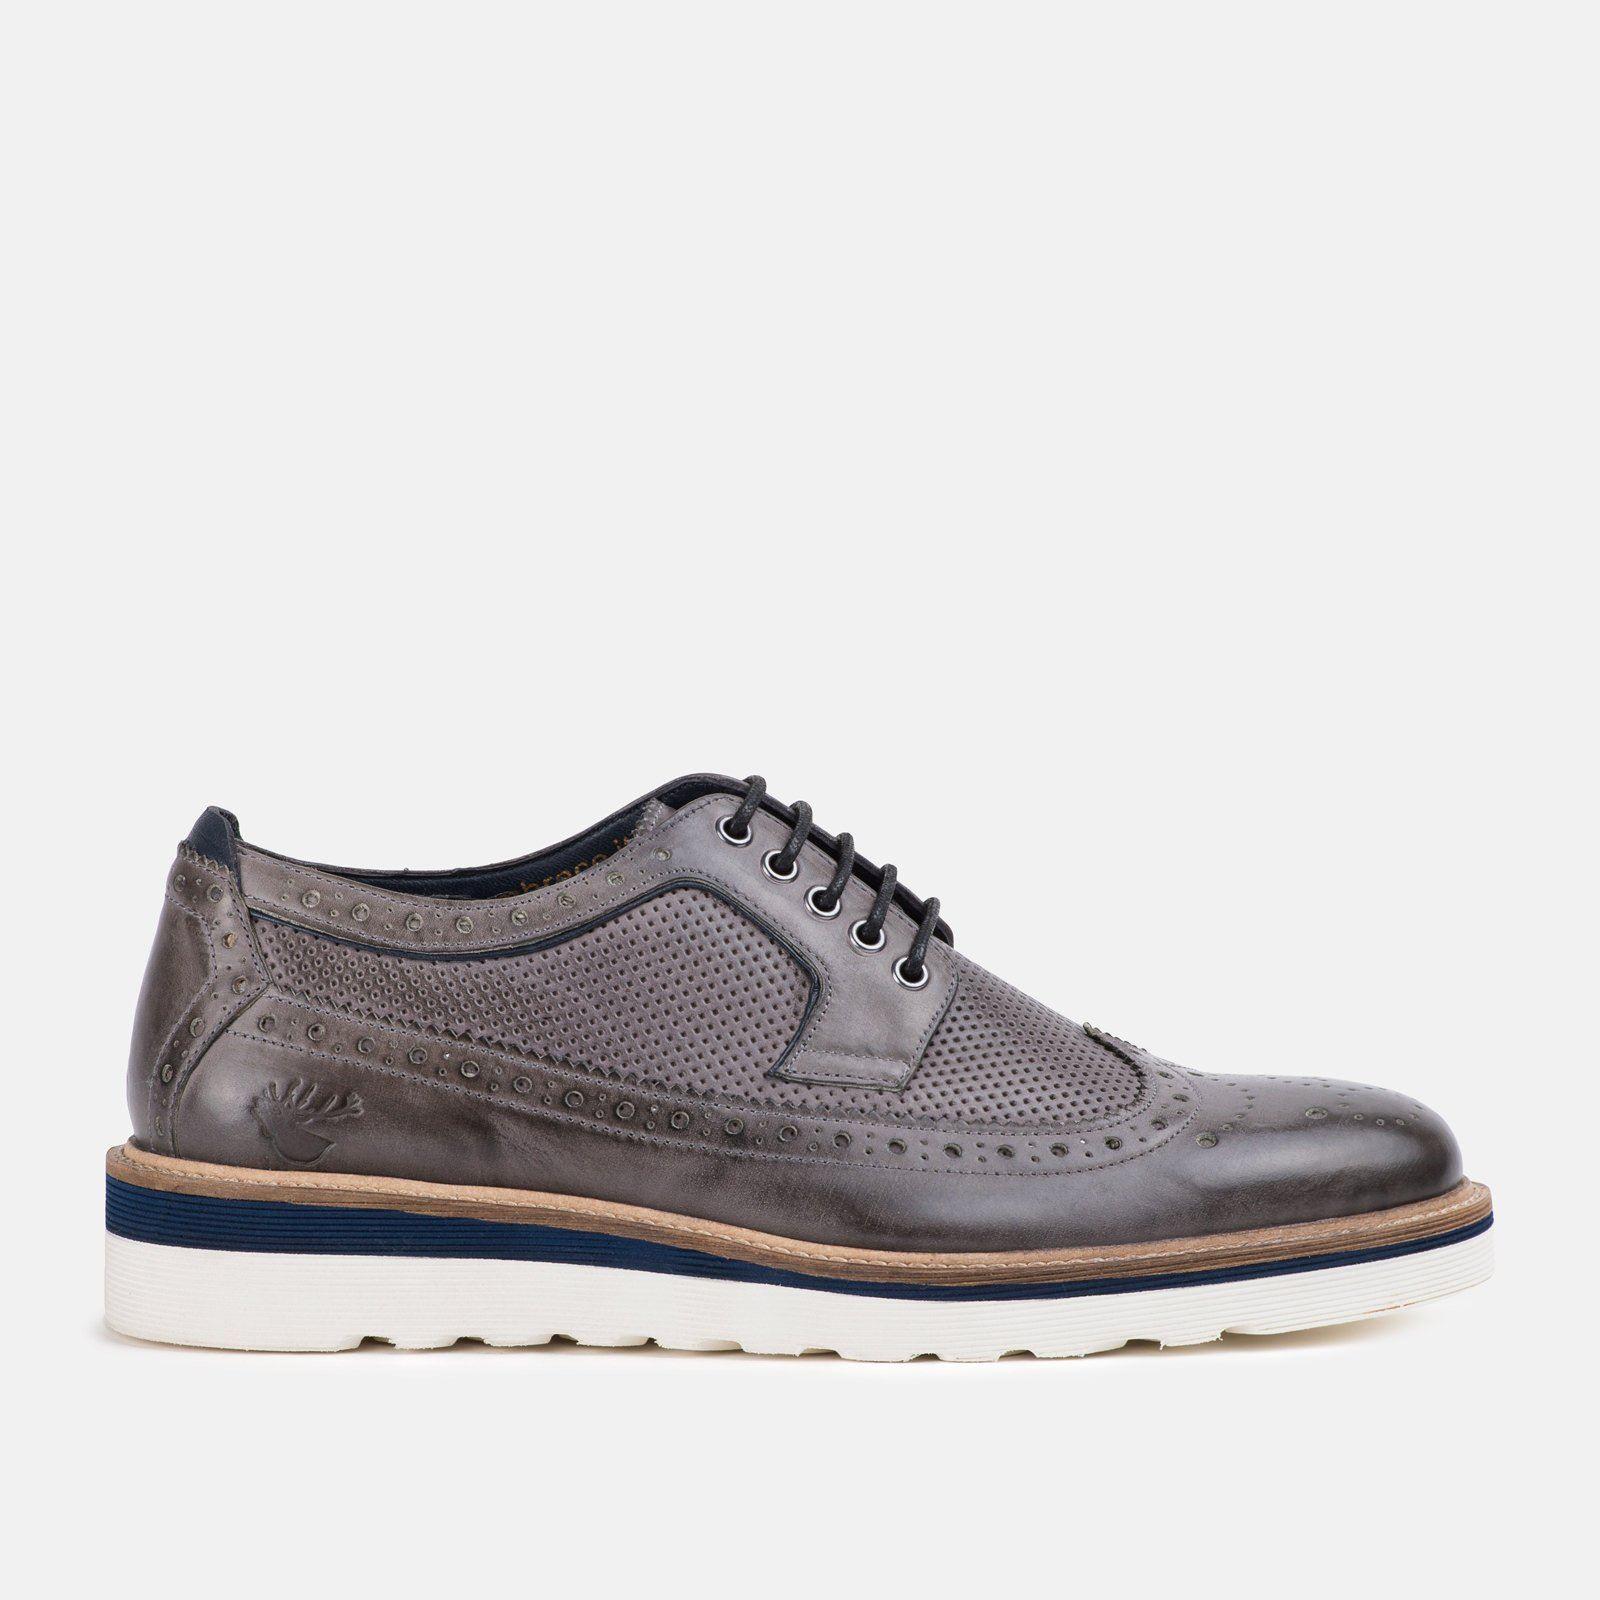 ordina ora i prezzi più bassi Goodwin Smith Ripley Grigio AW18 scarpa scarpa scarpa da uomo  punti vendita